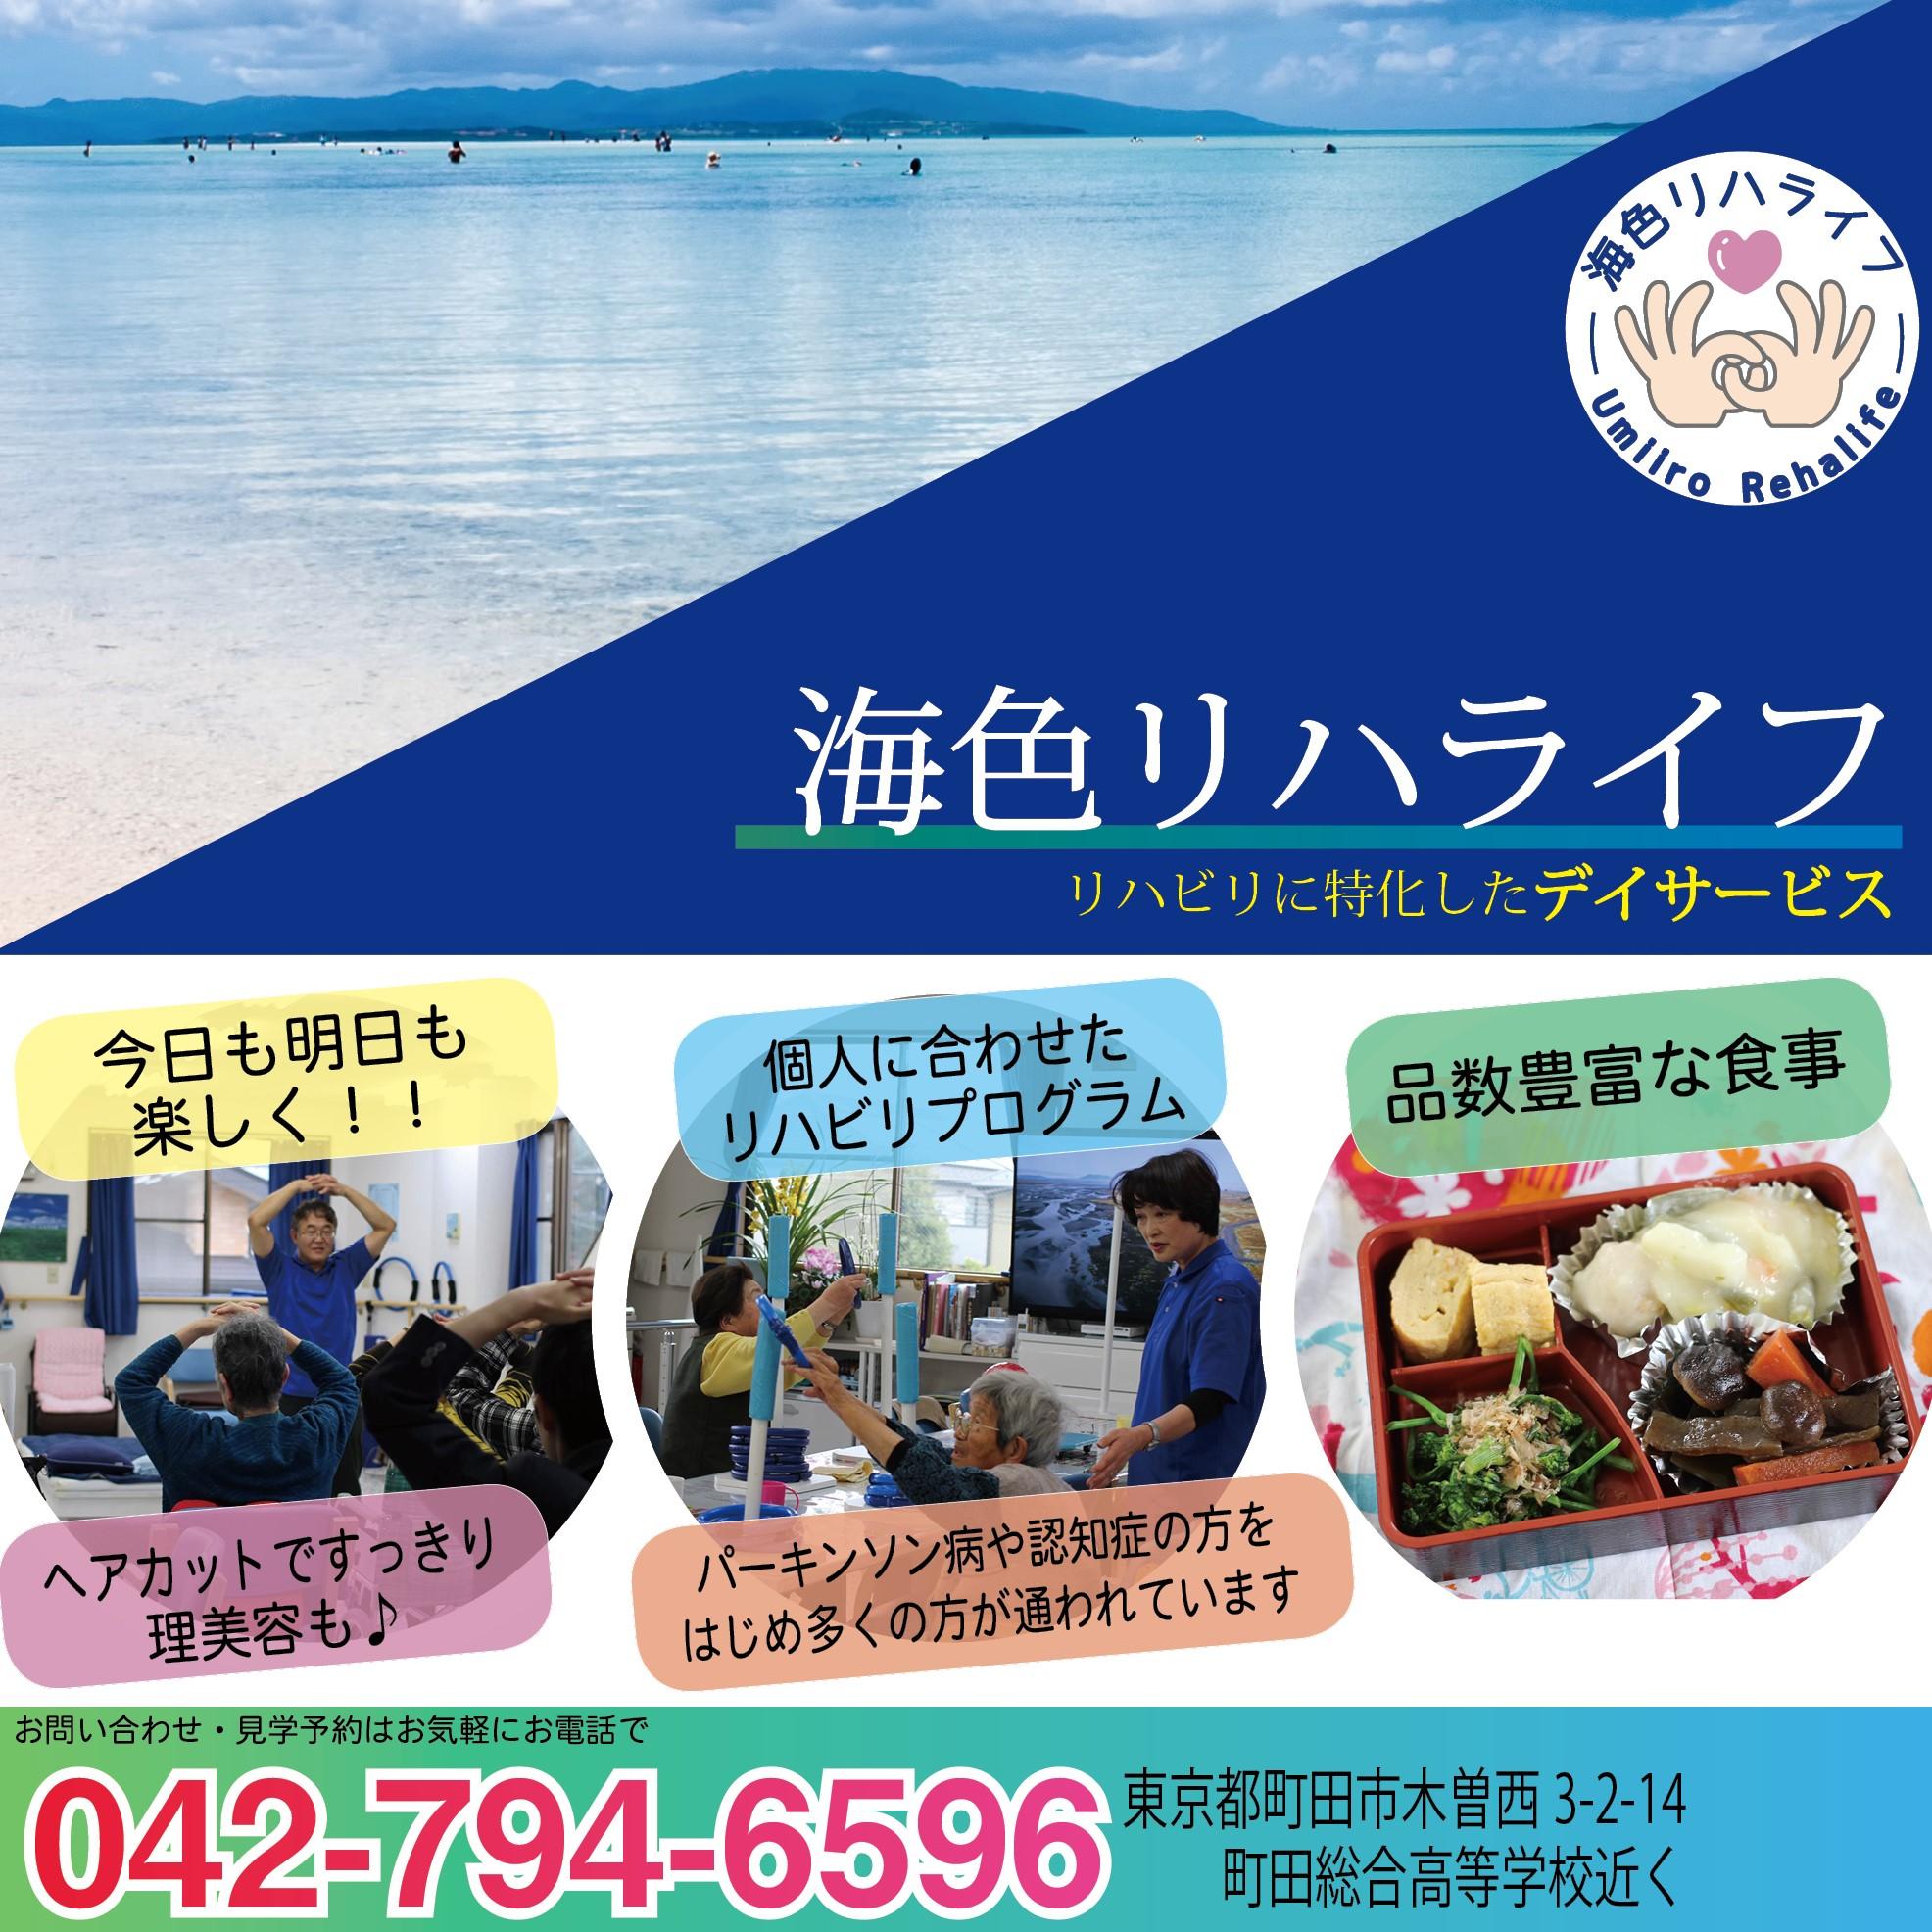 町田市のデイサービスなら「海色リハライフ」へ!